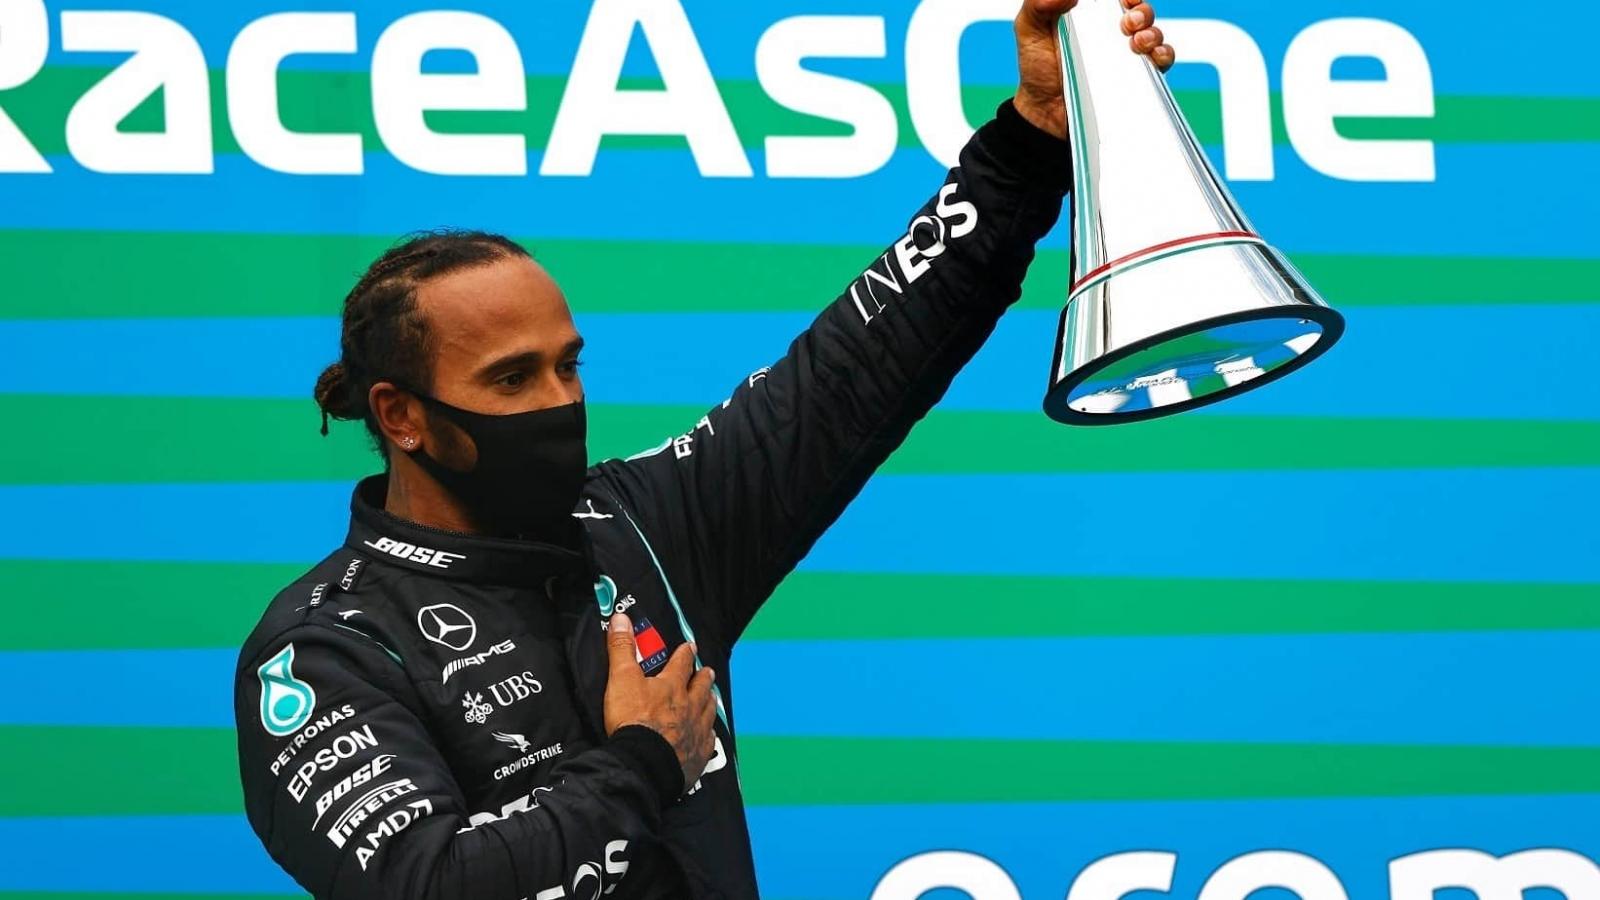 Thắngáp đảo ởF1 Hungarian Grand Prix: Lewis Hamilton thống trị đường đua